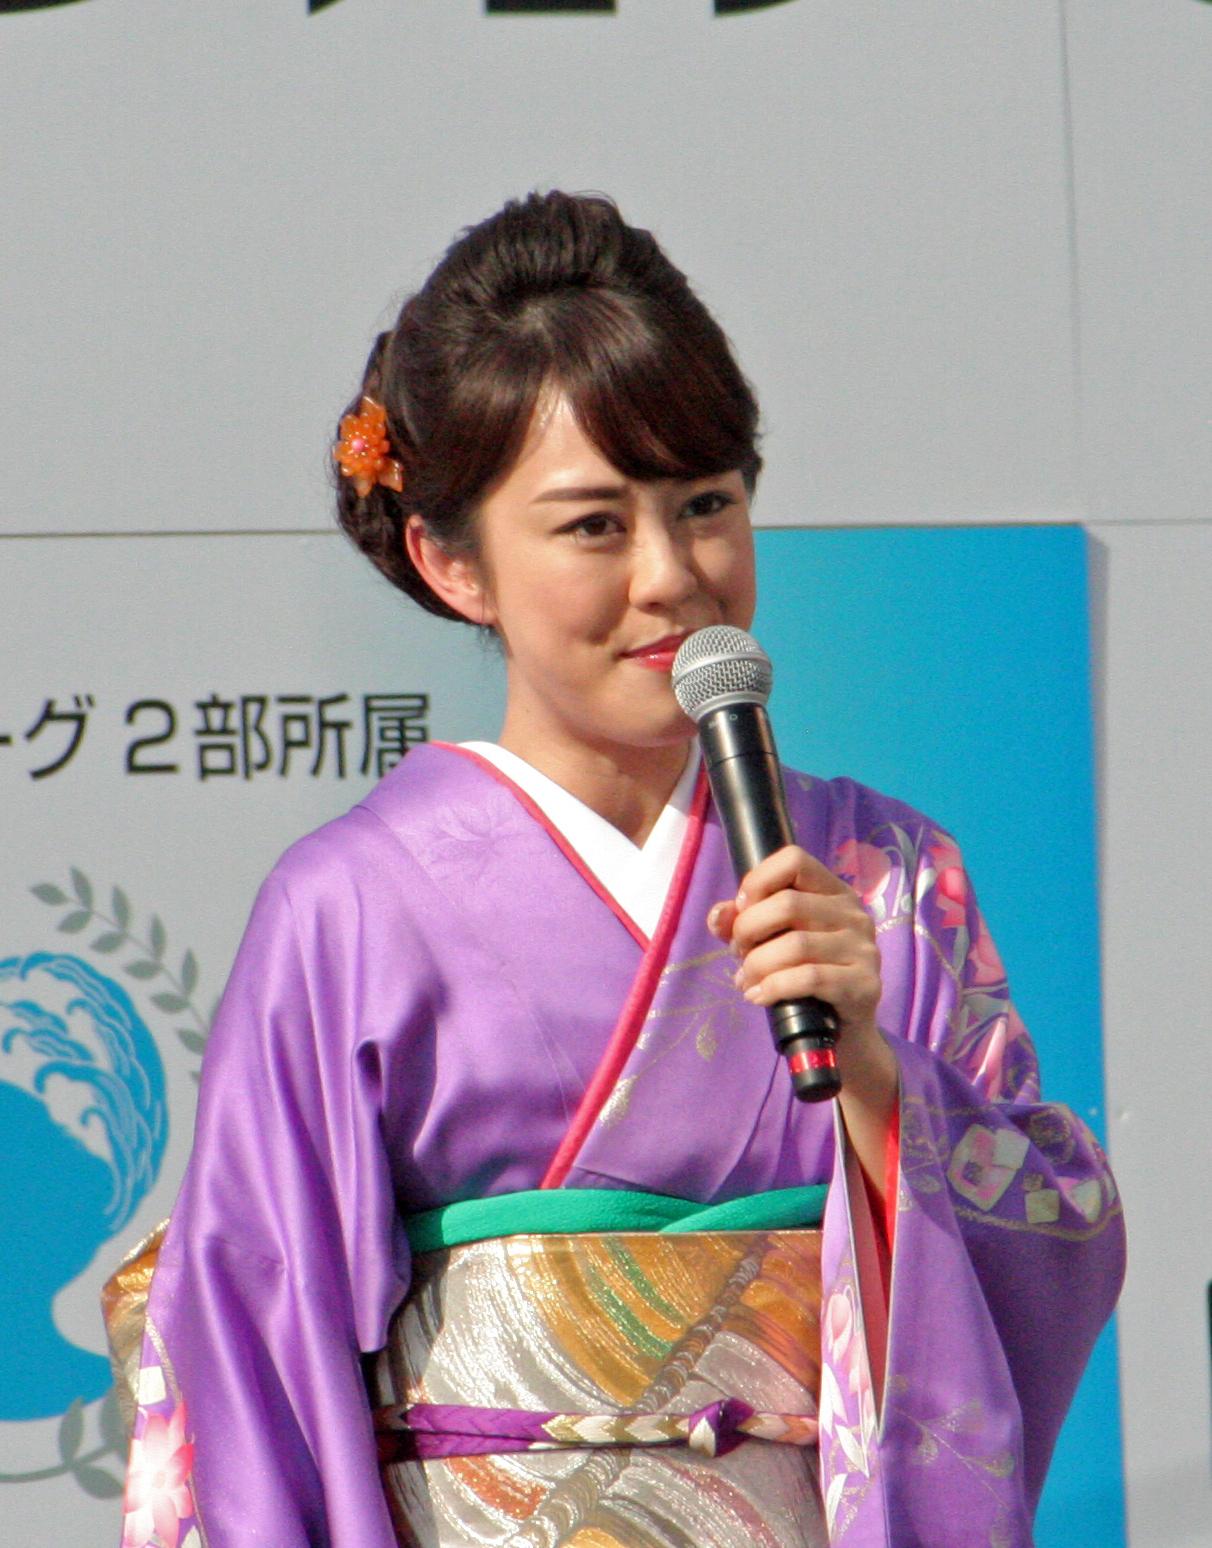 midori oka